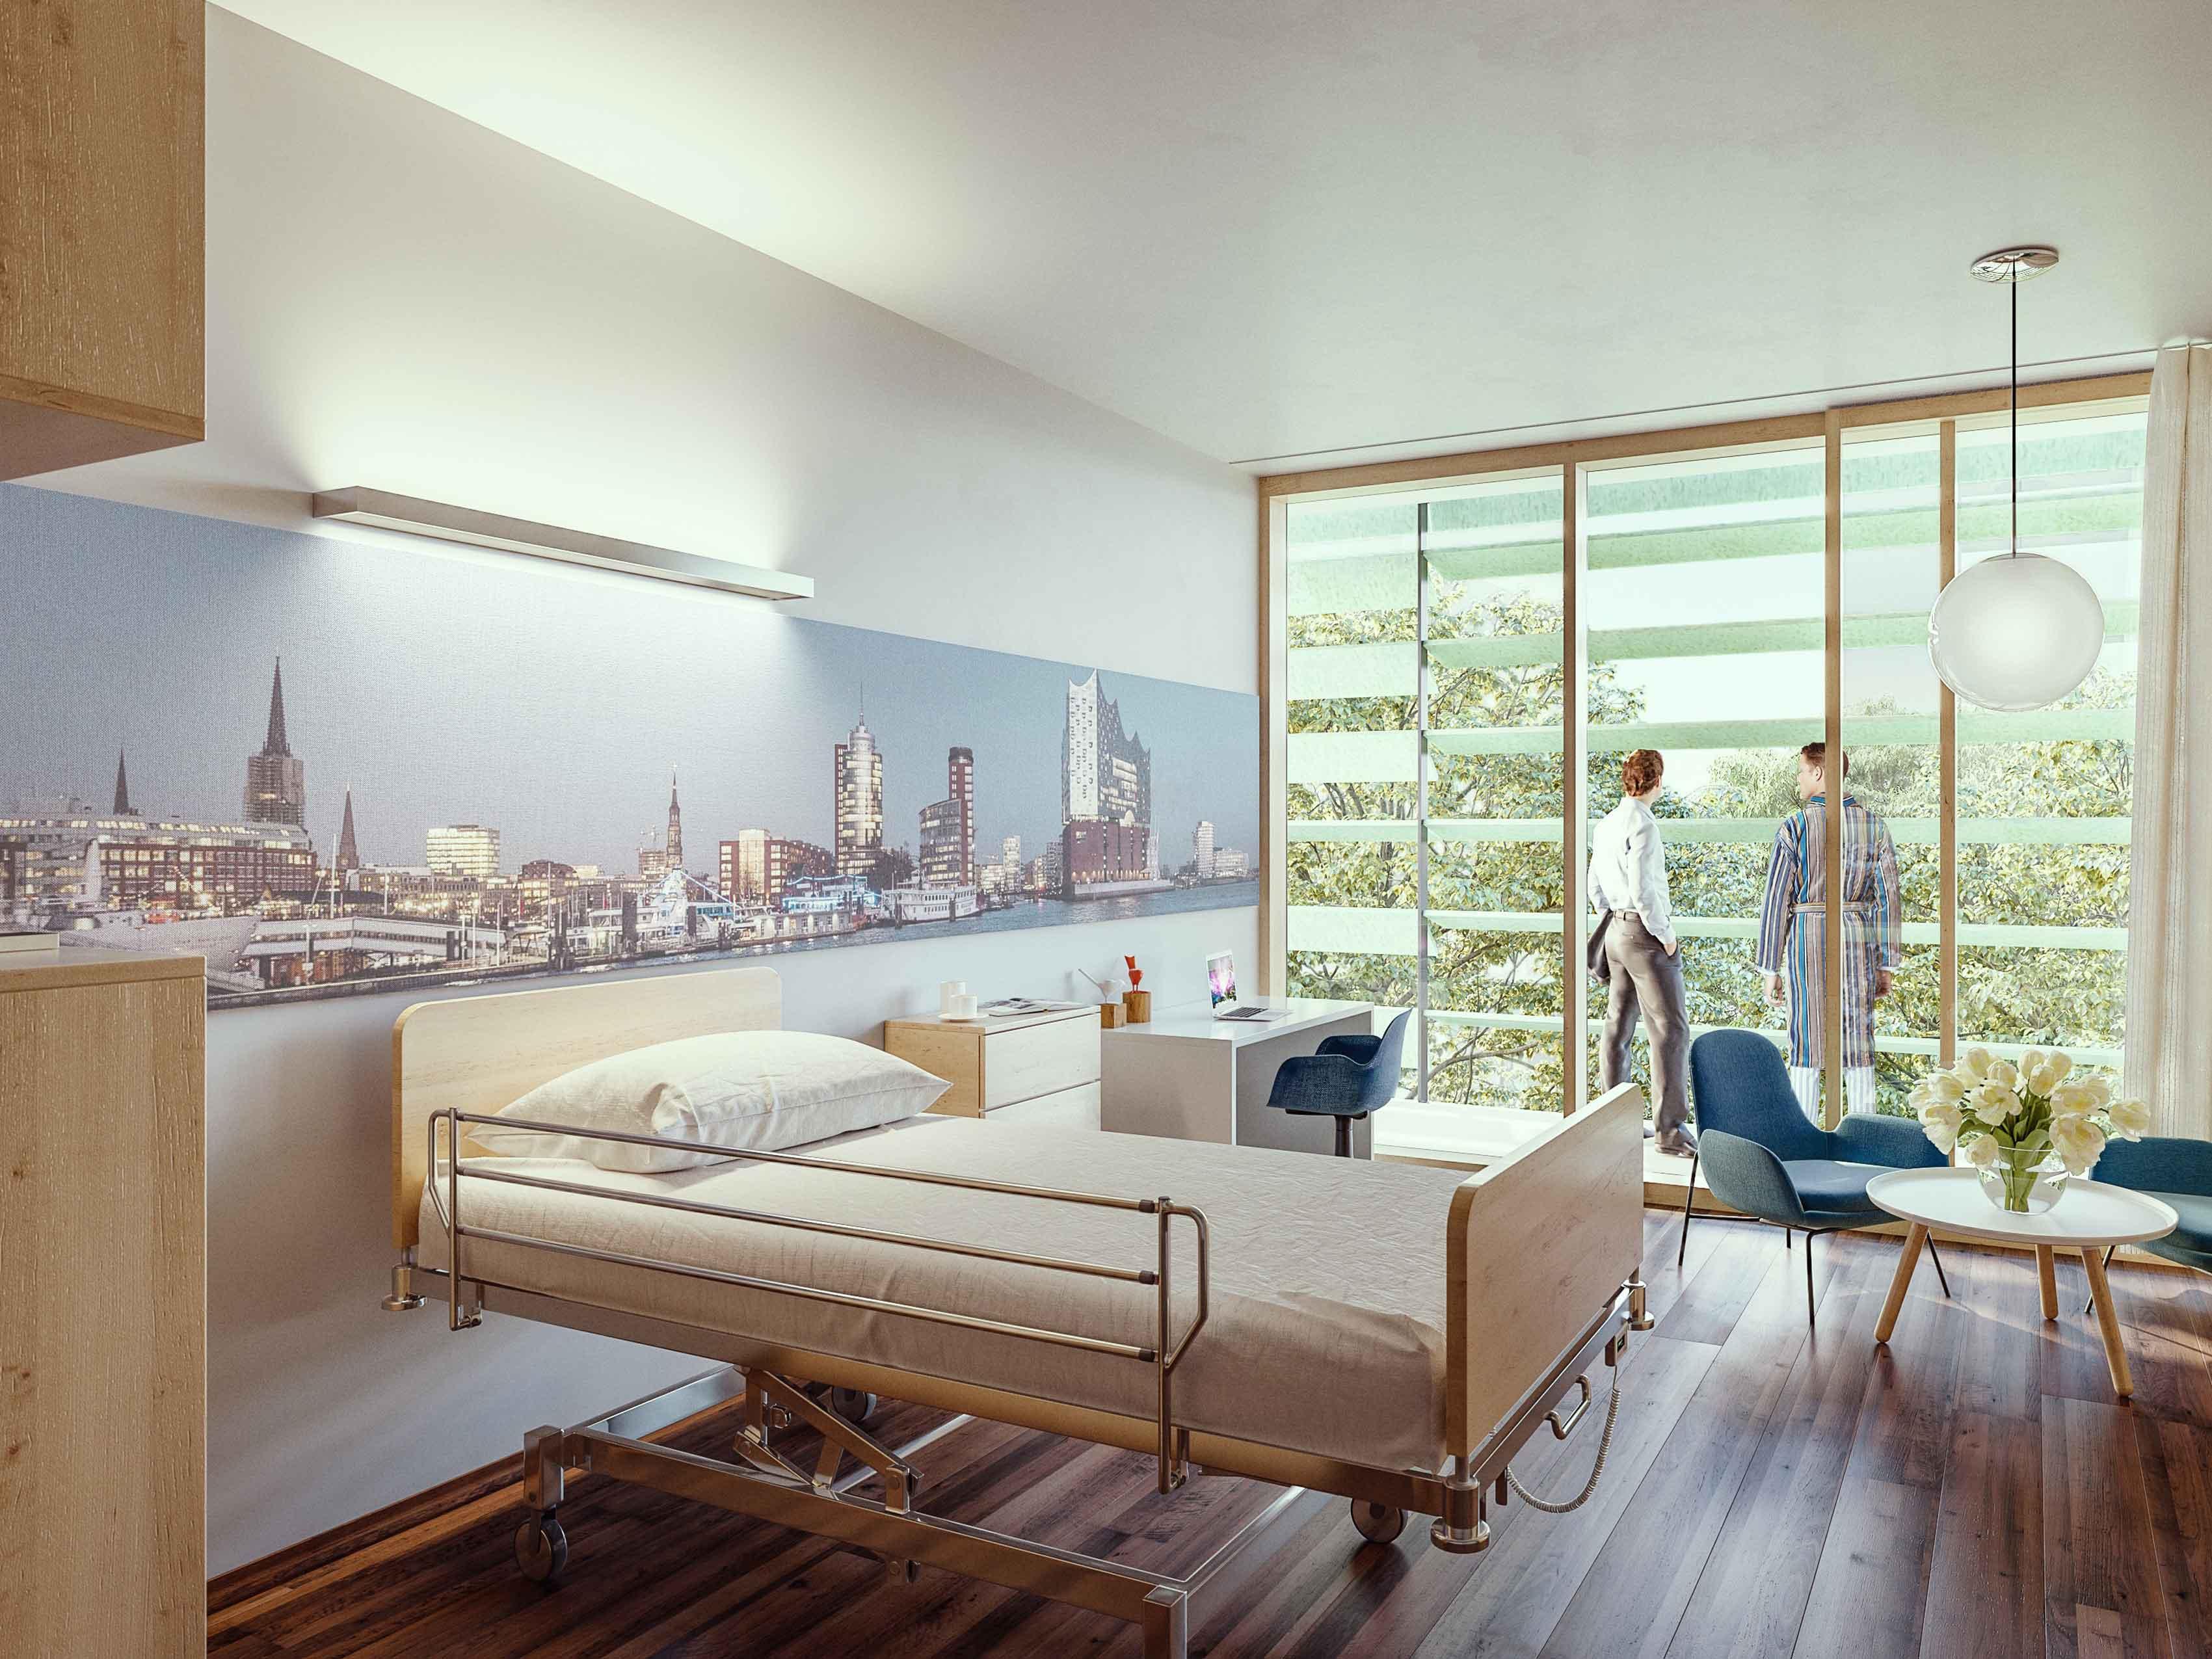 Neubau der Martini-Klinik Rendering Patientenzimmer